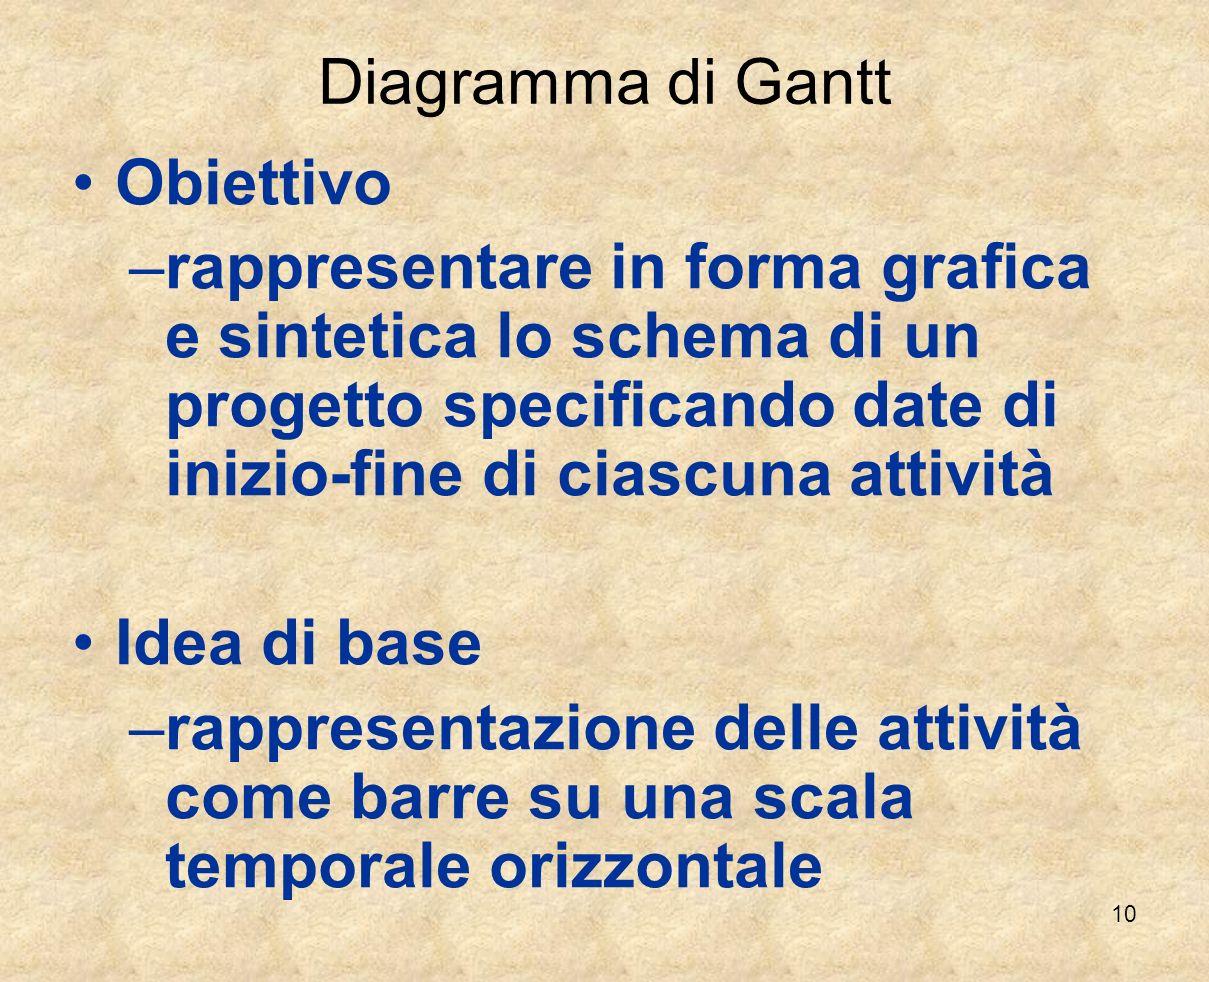 Diagramma di Gantt Obiettivo.